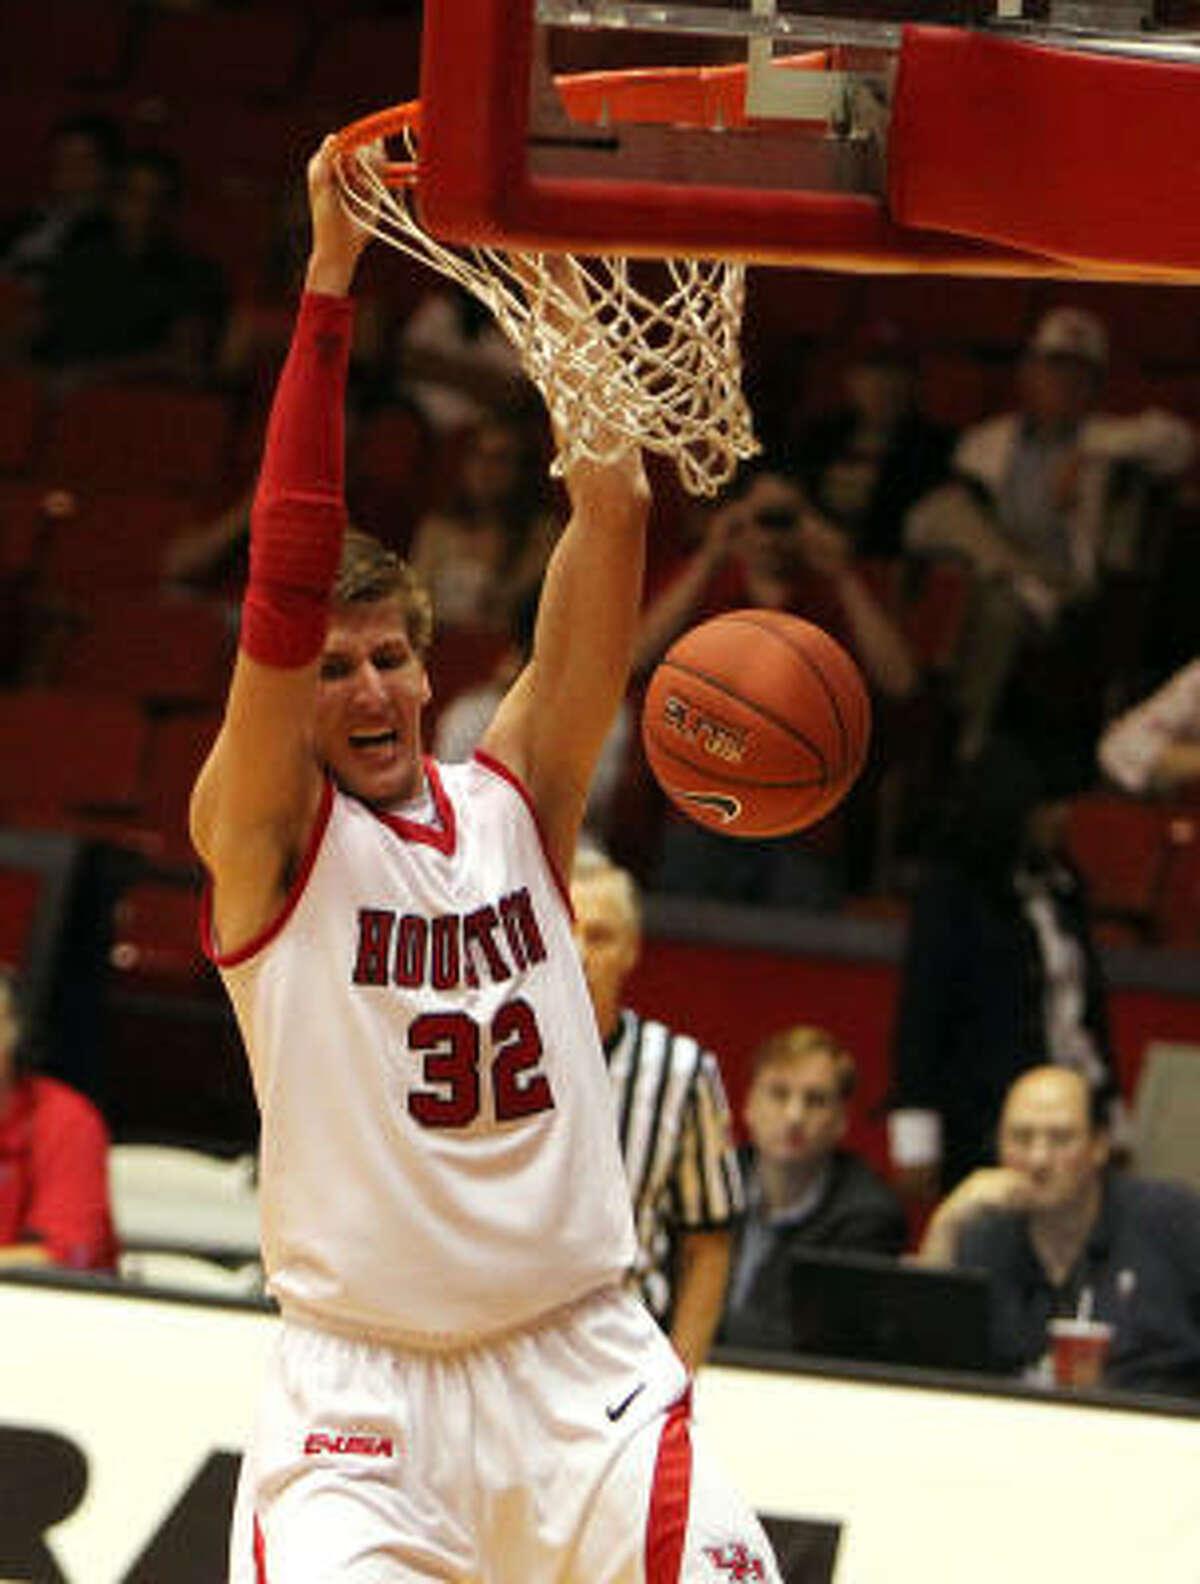 Houston's Kirk Van Slyke dunks the ball against Nicholls State during overtime.